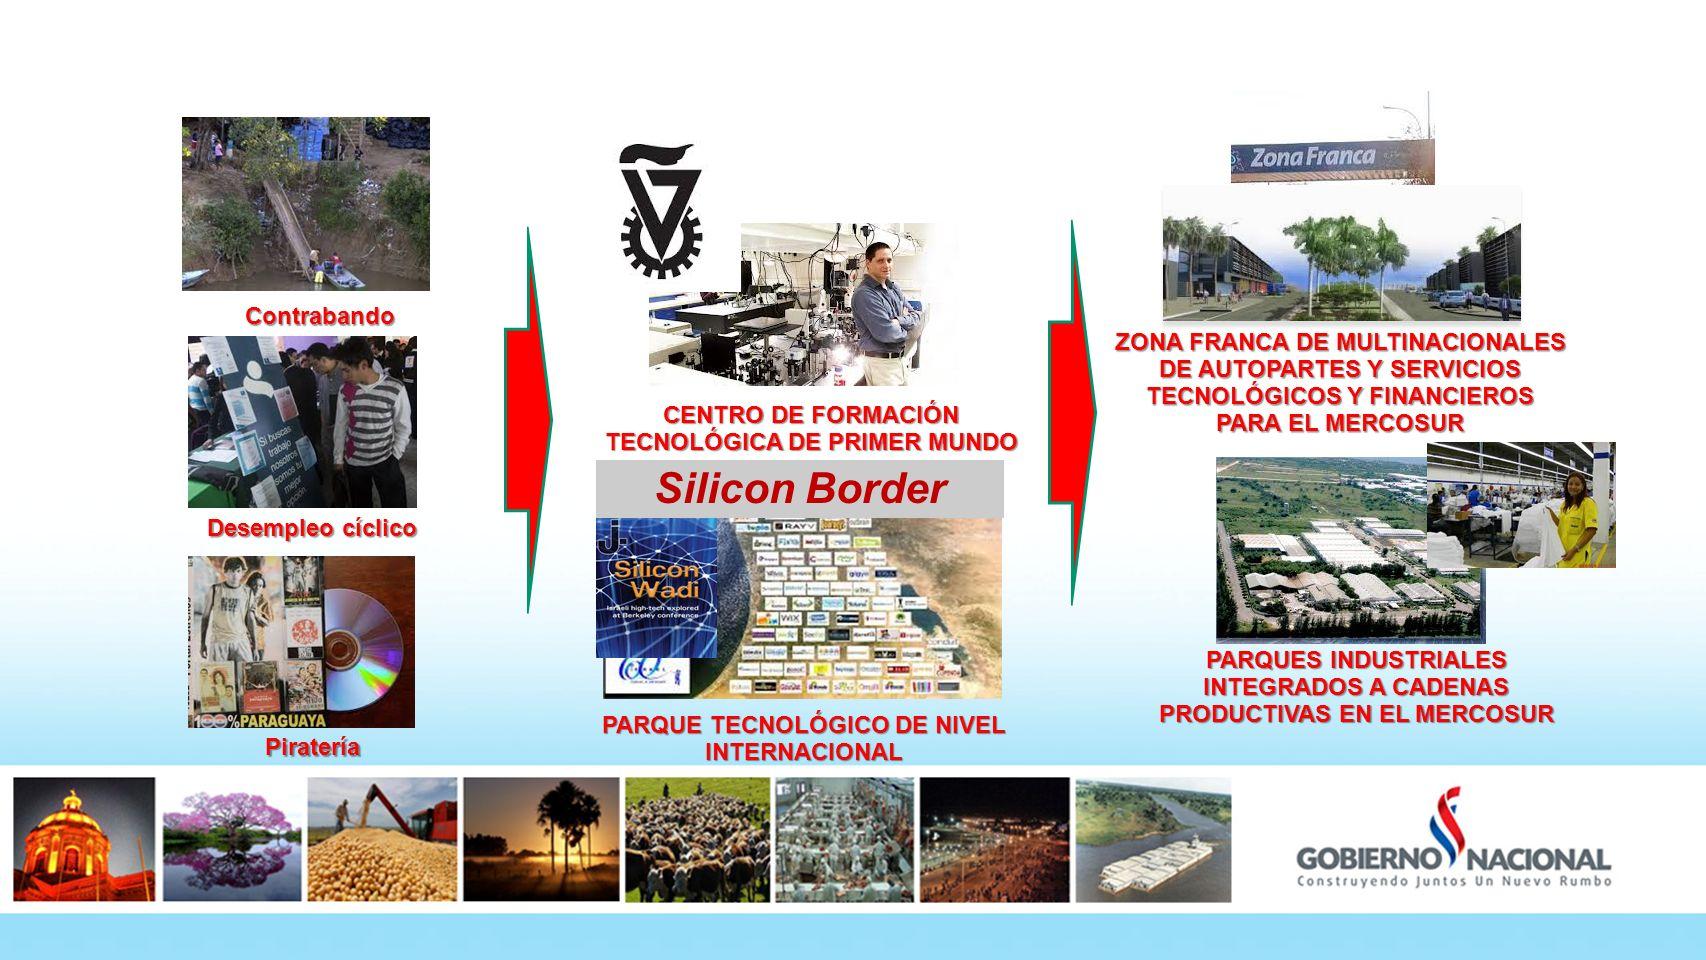 Fronteras 180º PARQUE TECNOLÓGICO DE NIVEL INTERNACIONAL CENTRO DE FORMACIÓN TECNOLÓGICA DE PRIMER MUNDO ZONA FRANCA DE MULTINACIONALES DE AUTOPARTES